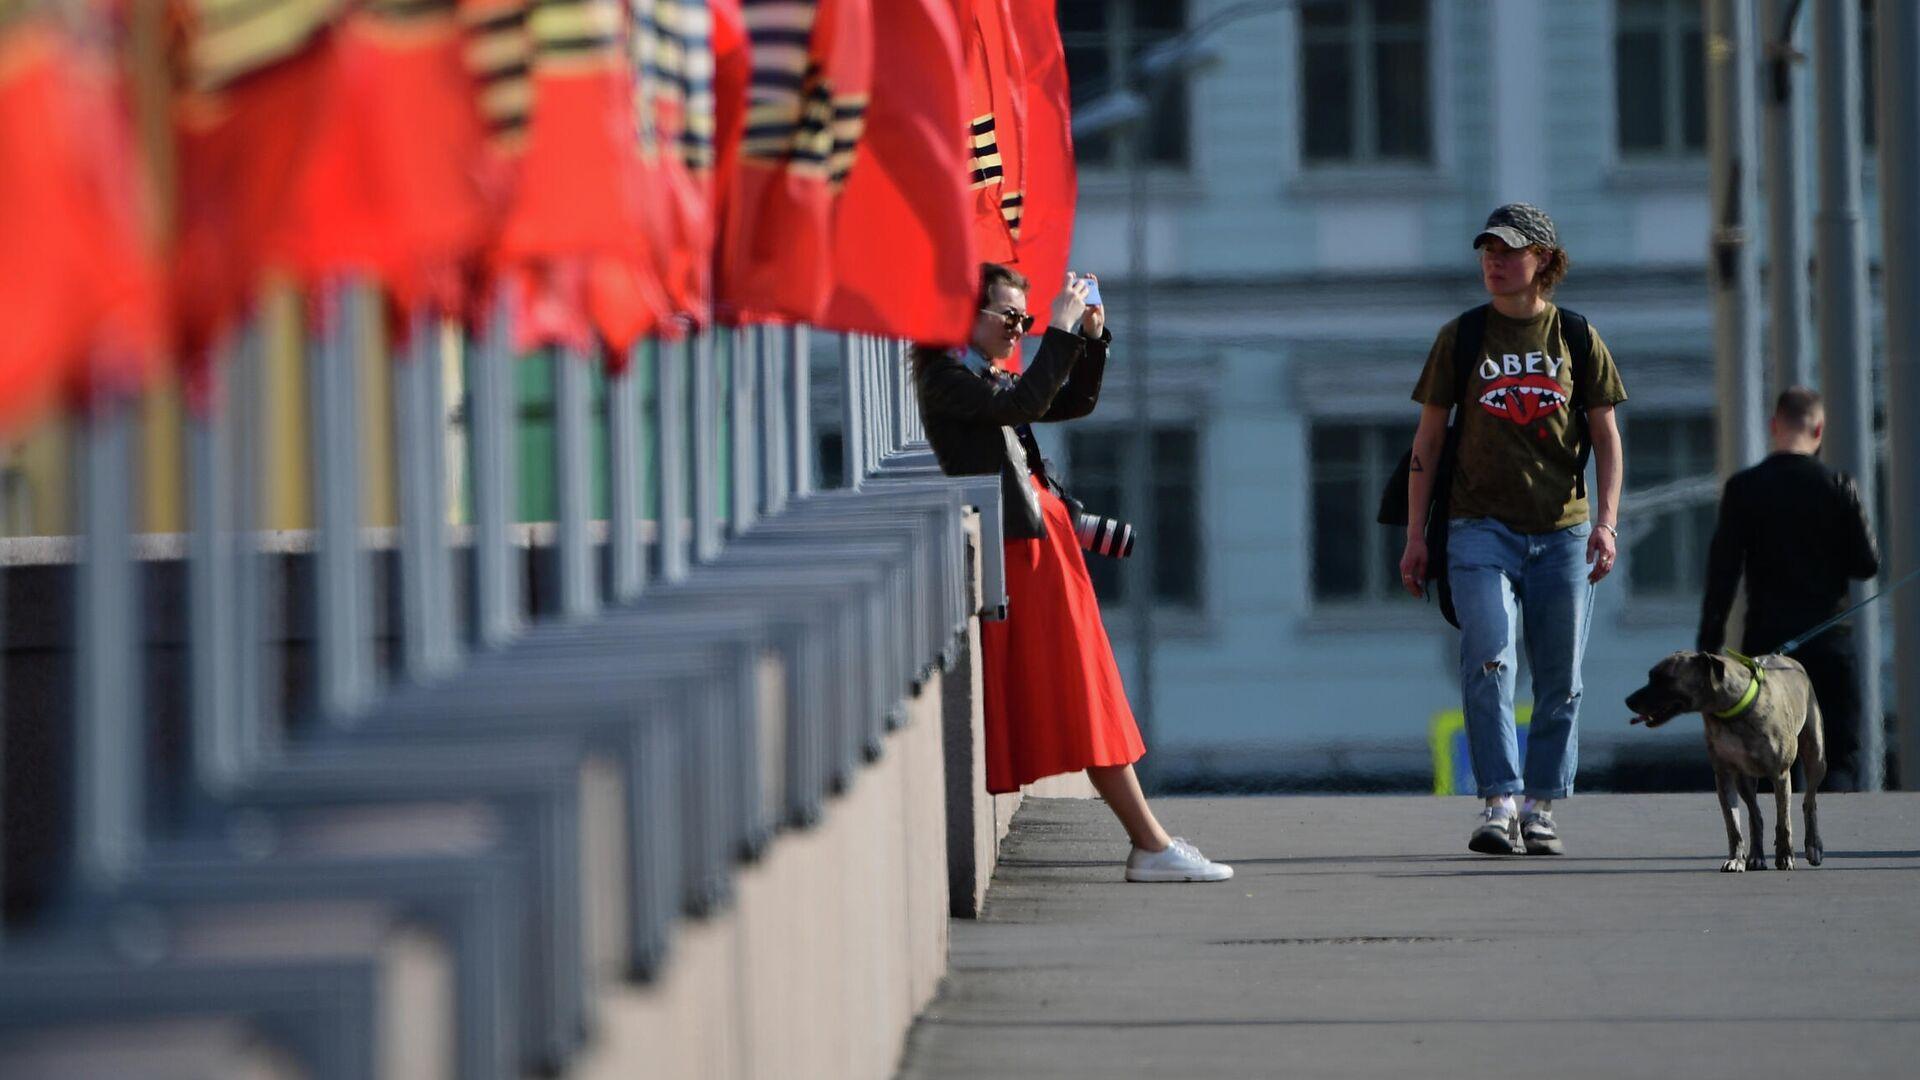 Девушка фотографируется у флагов, установленных к празднованию Дня Победы, на Москворецкой набережной в Москве - РИА Новости, 1920, 10.05.2021